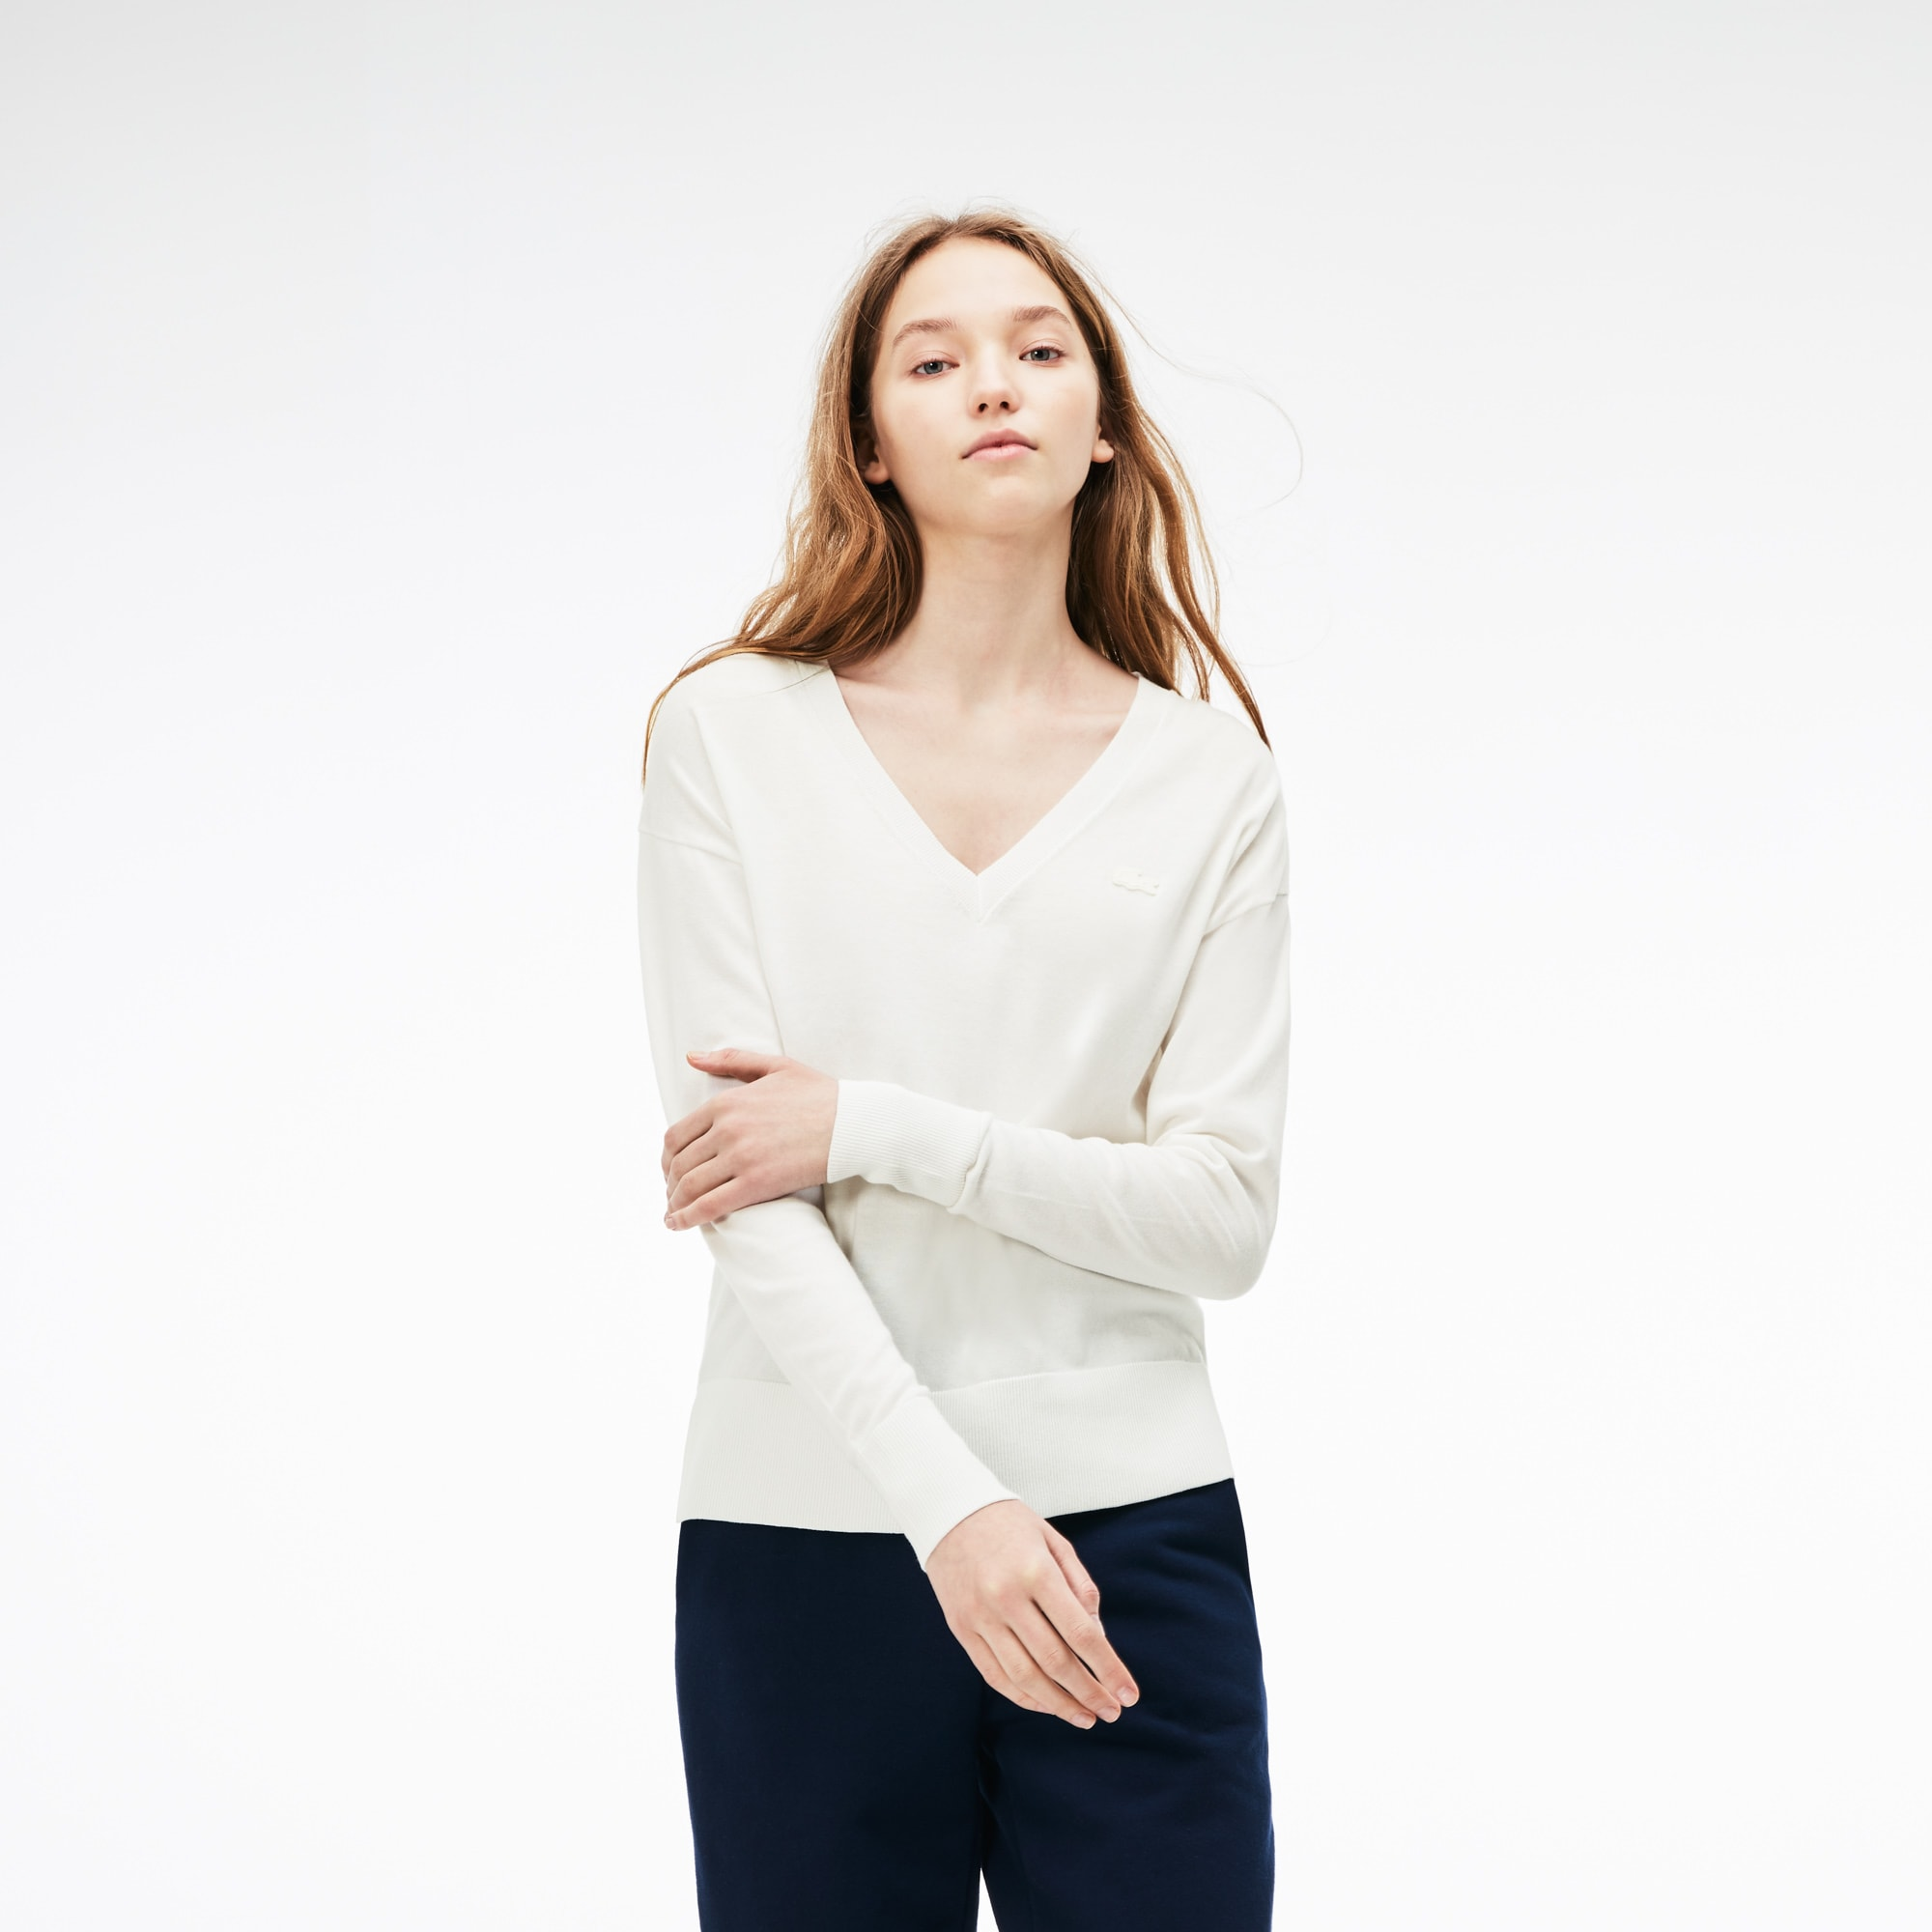 Damen-Pullover aus Baumwolljersey mit V-Ausschnitt